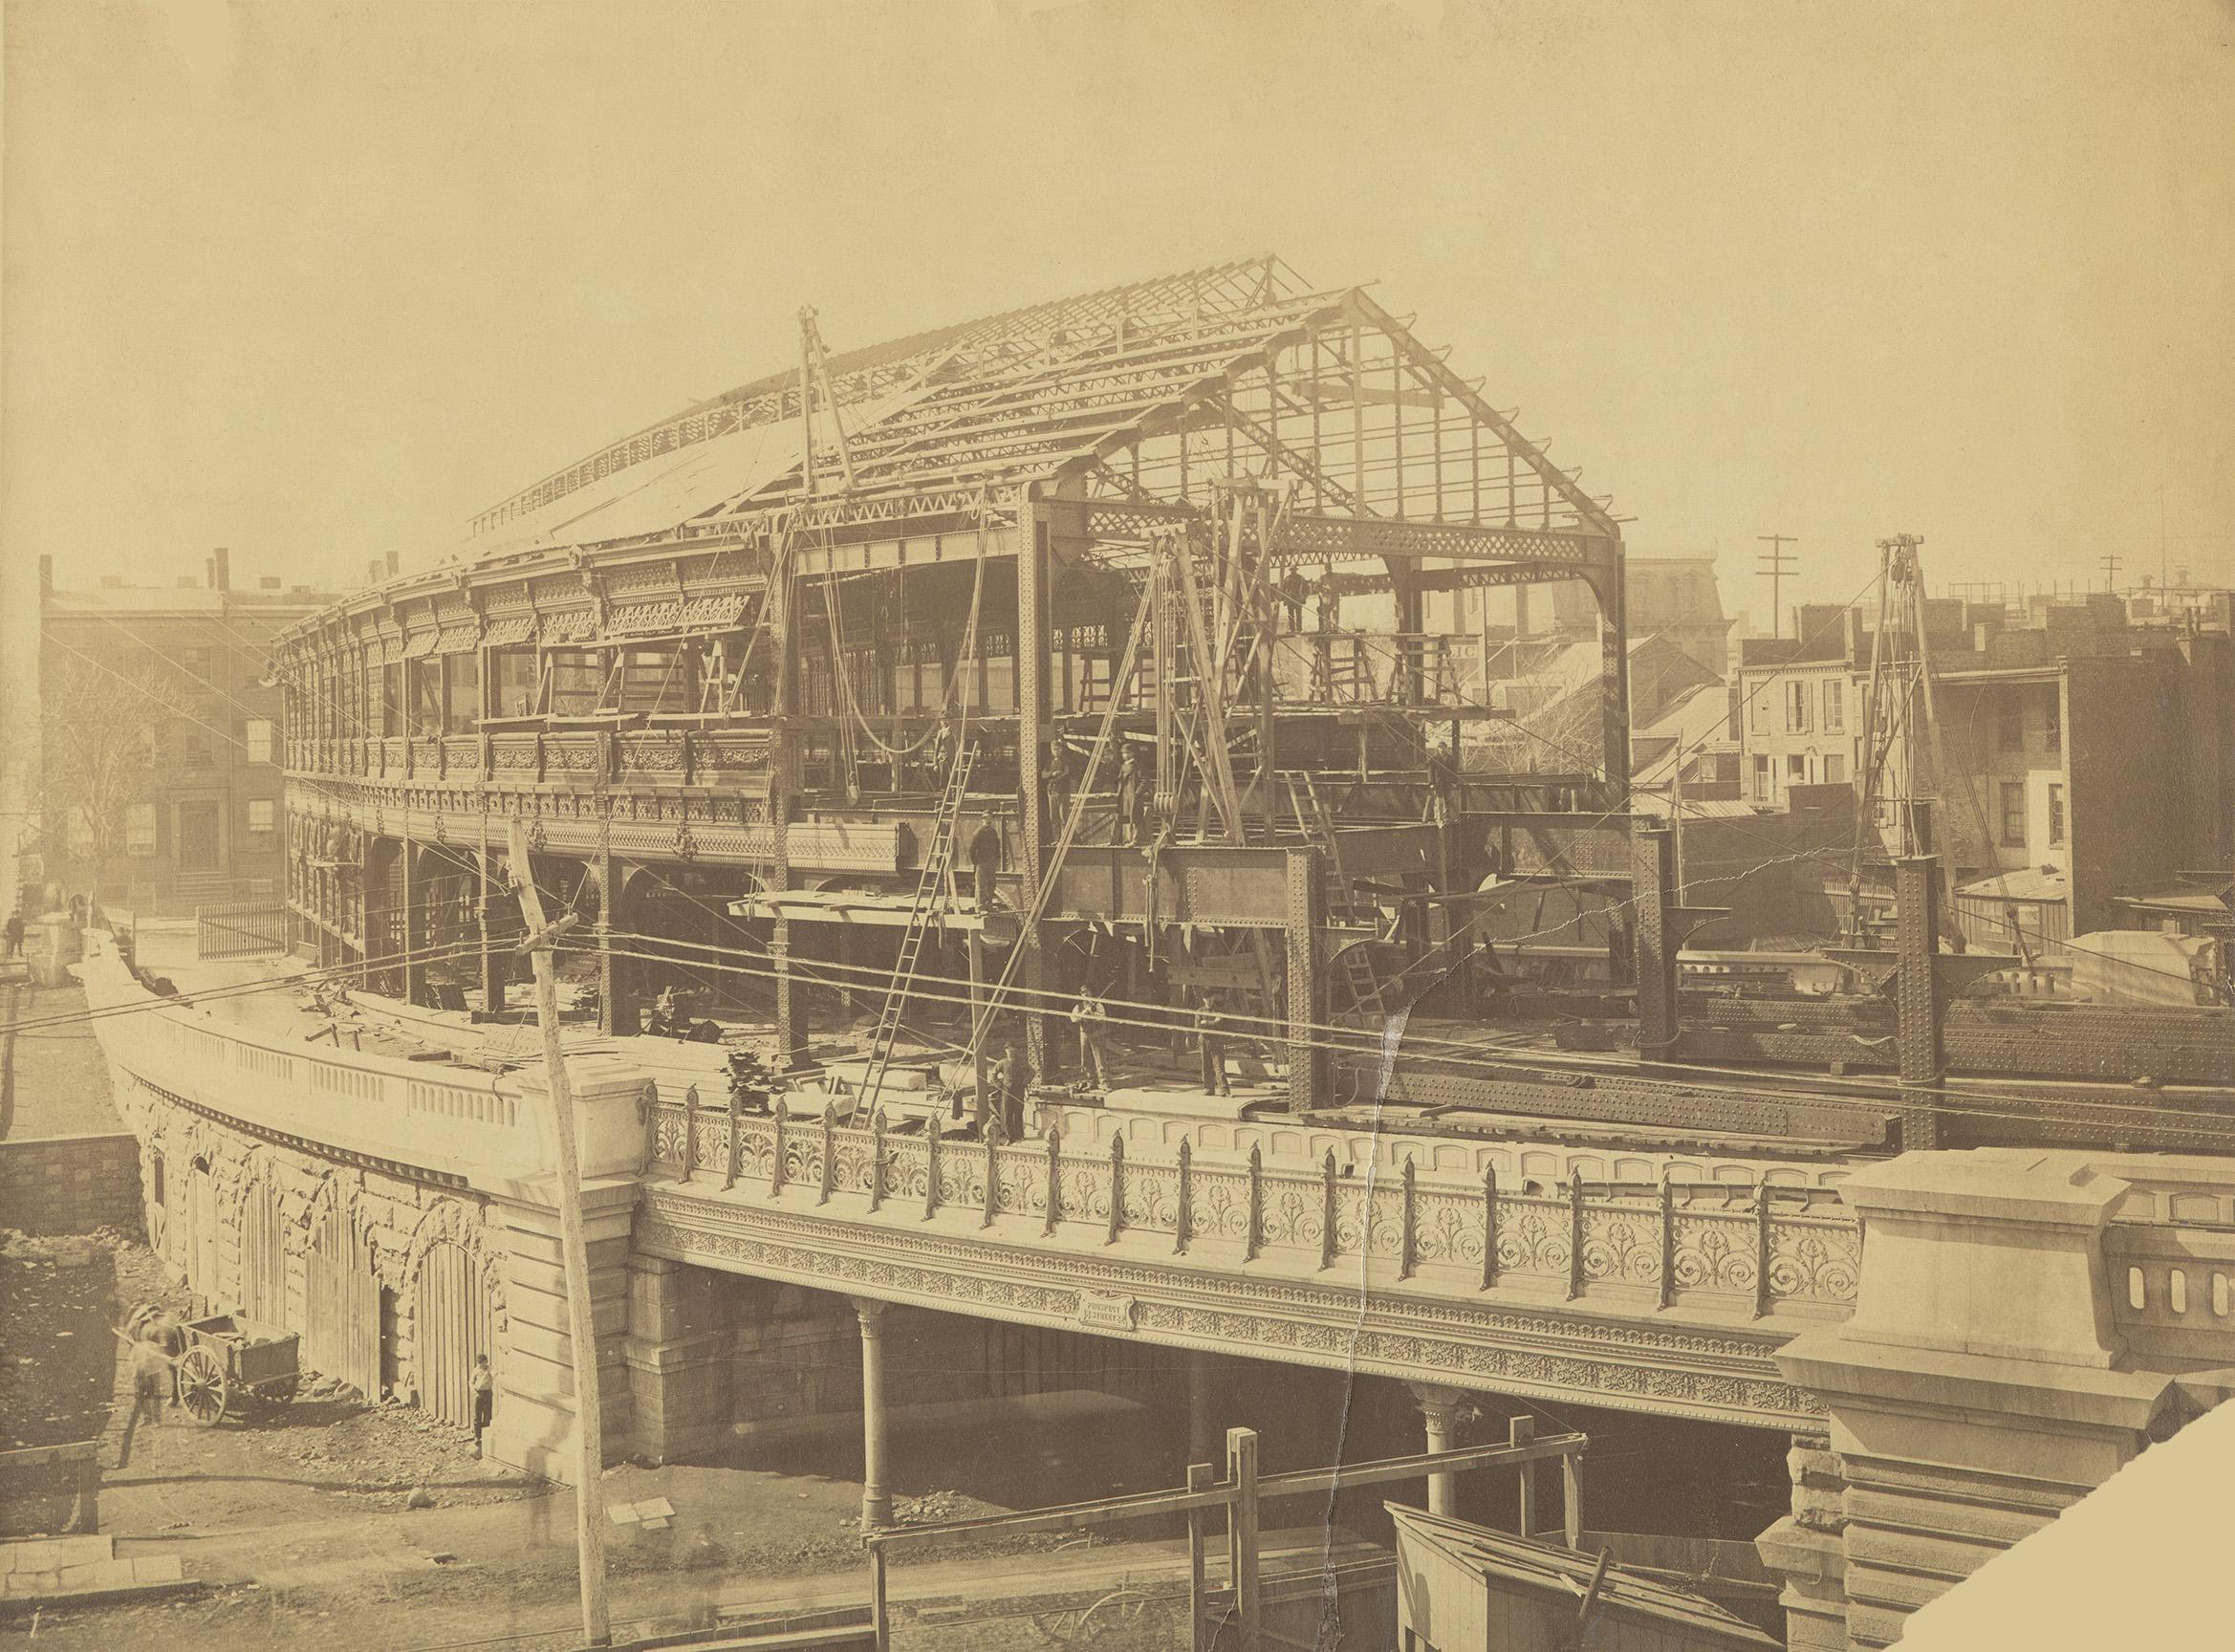 Construction of the Brooklyn Bridge trolley shed, Brooklyn, ca. 1882